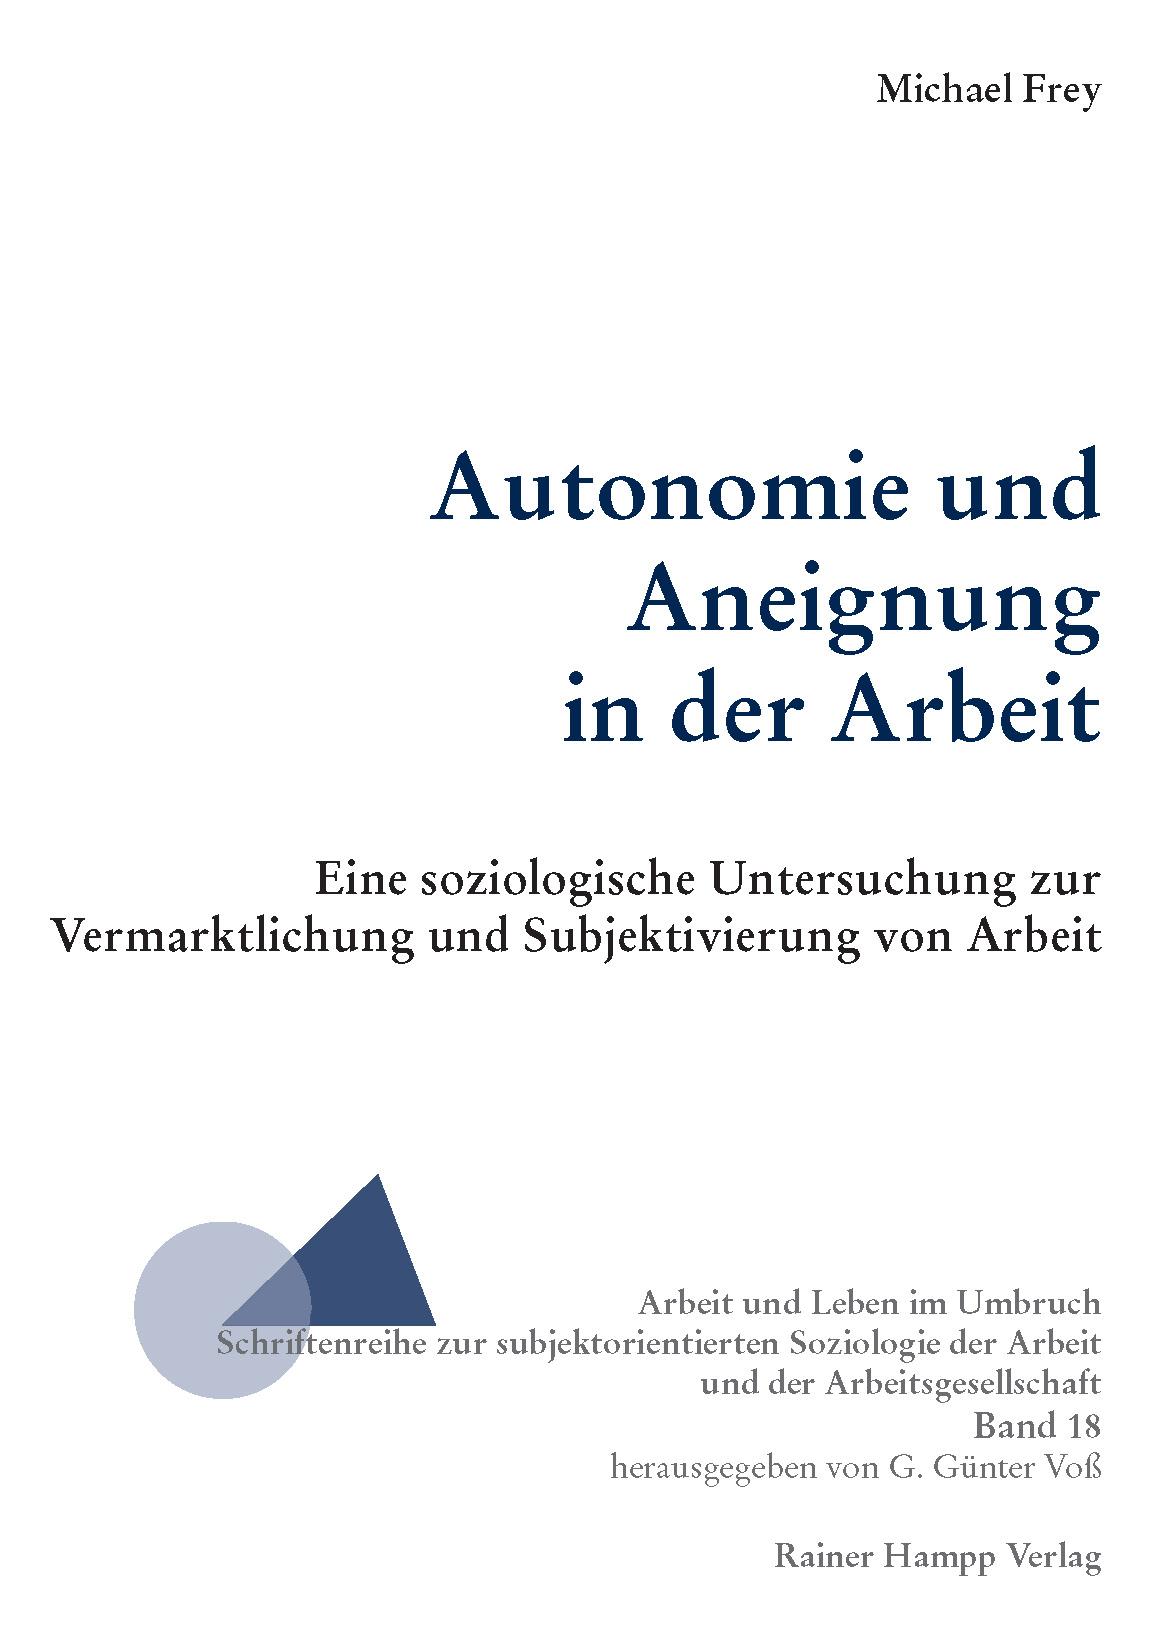 Autonomie und Aneignung in der Arbeit, Michael Frey